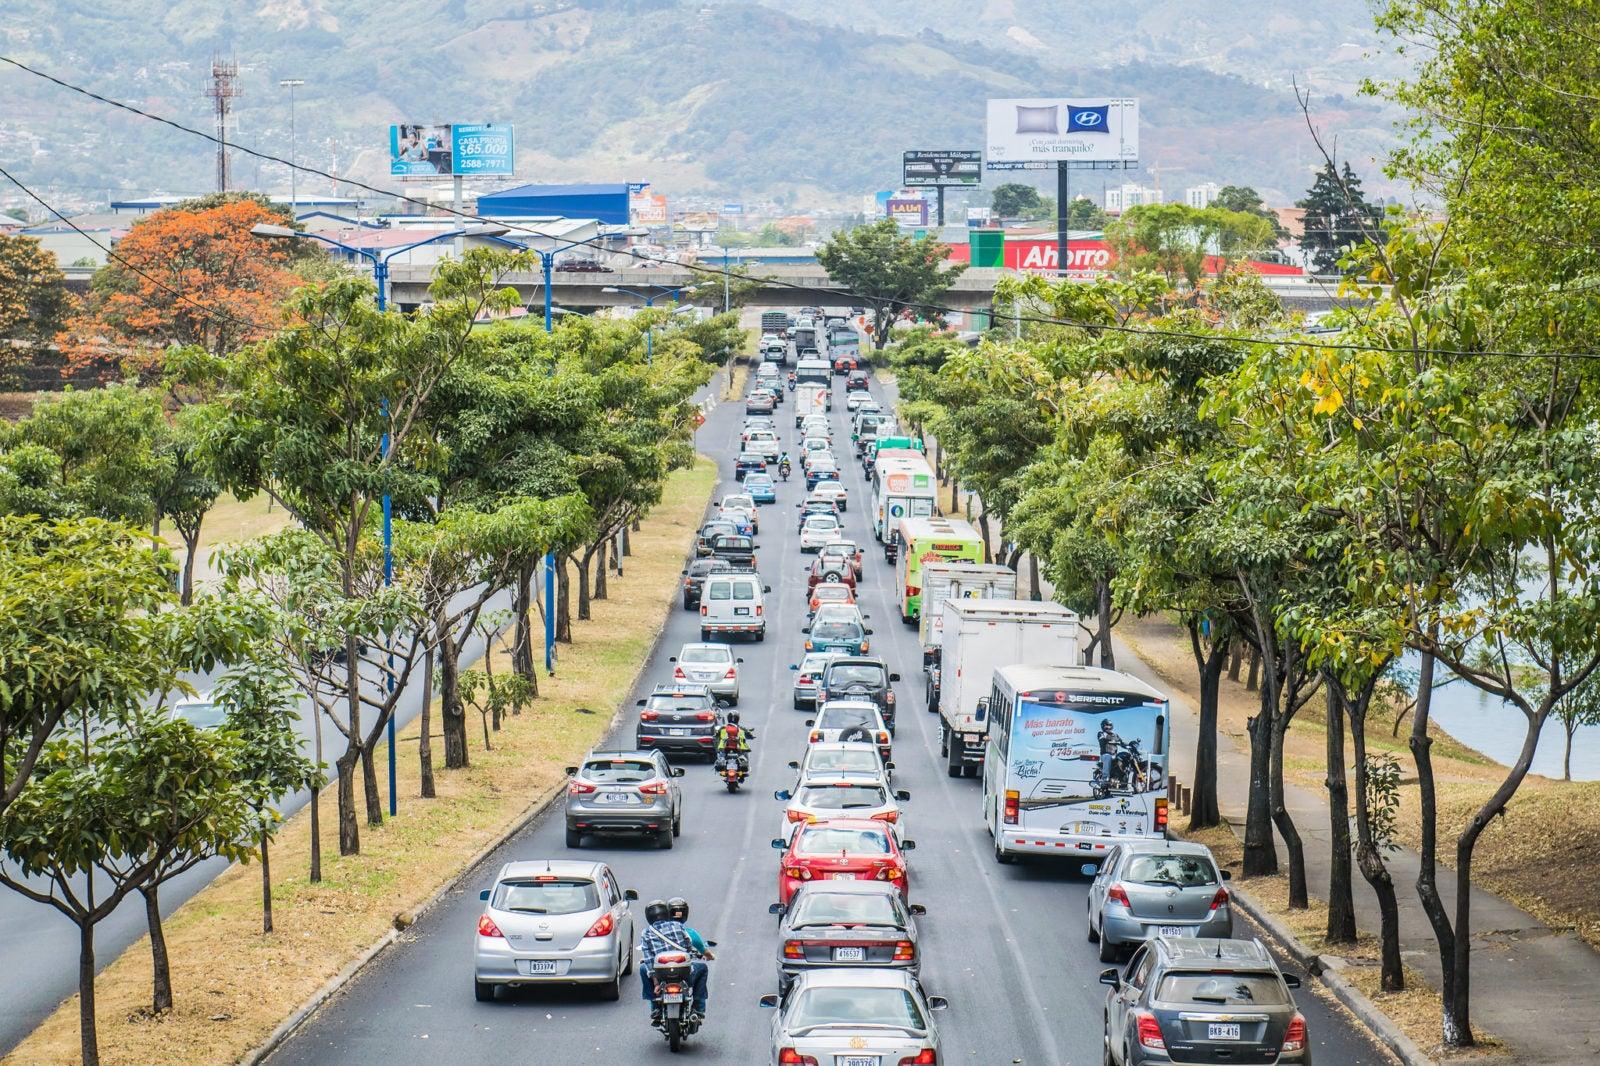 Costa Rica reafirma su liderazgo en movilidad eléctrica